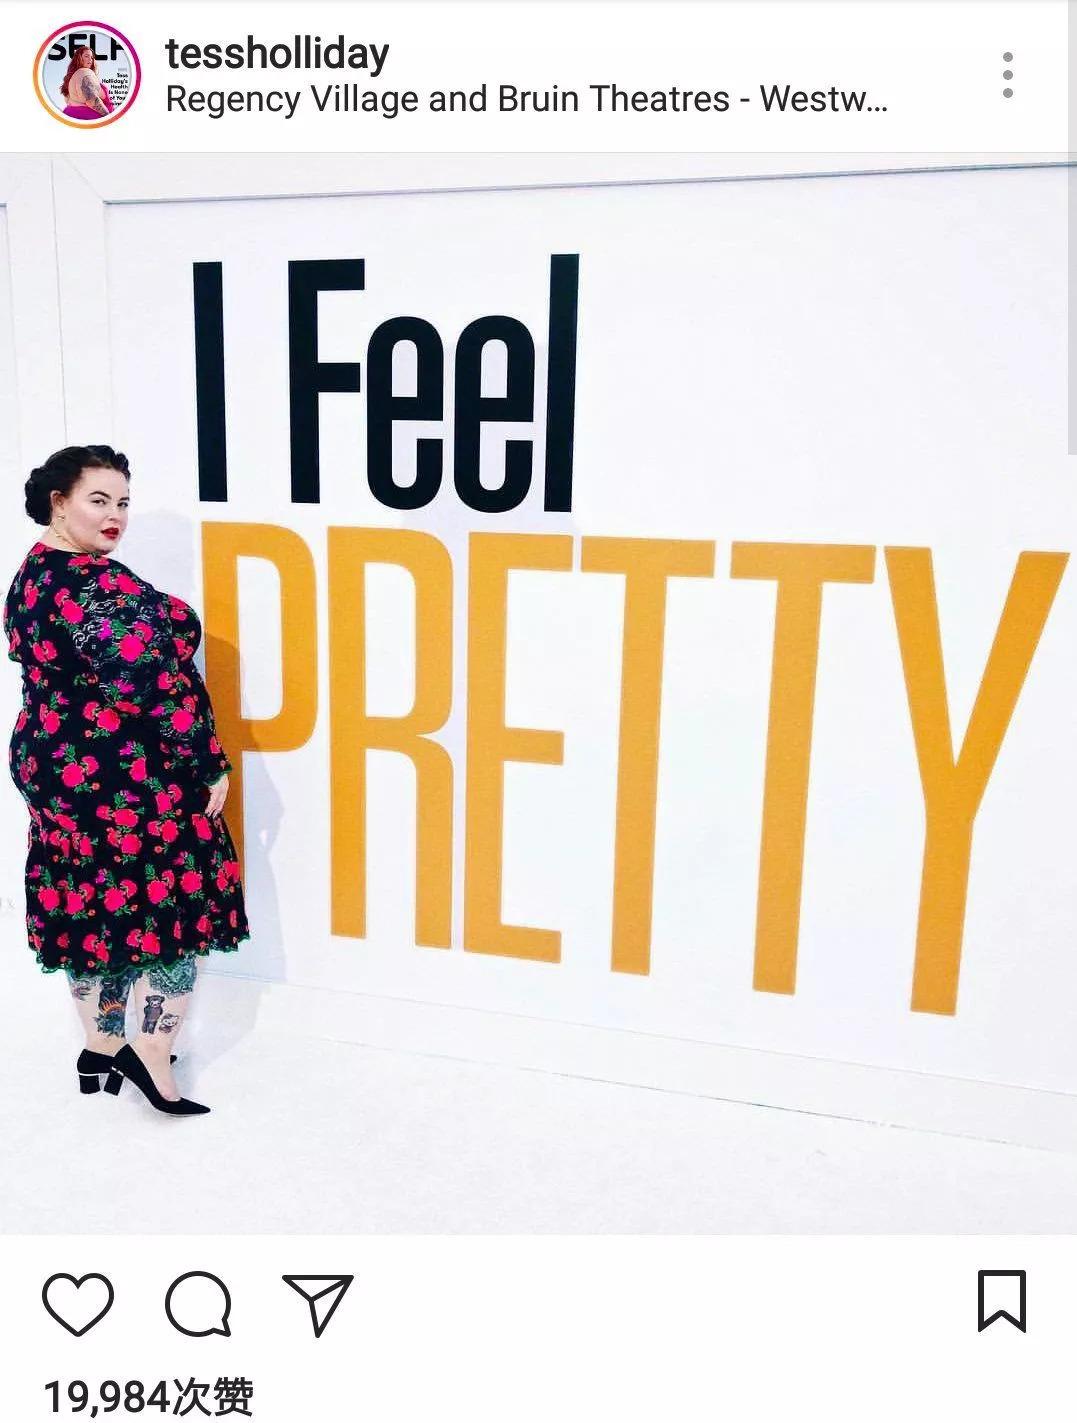 她身高164,体重117公斤,却上登了顶级时尚杂志封面,凭什么?